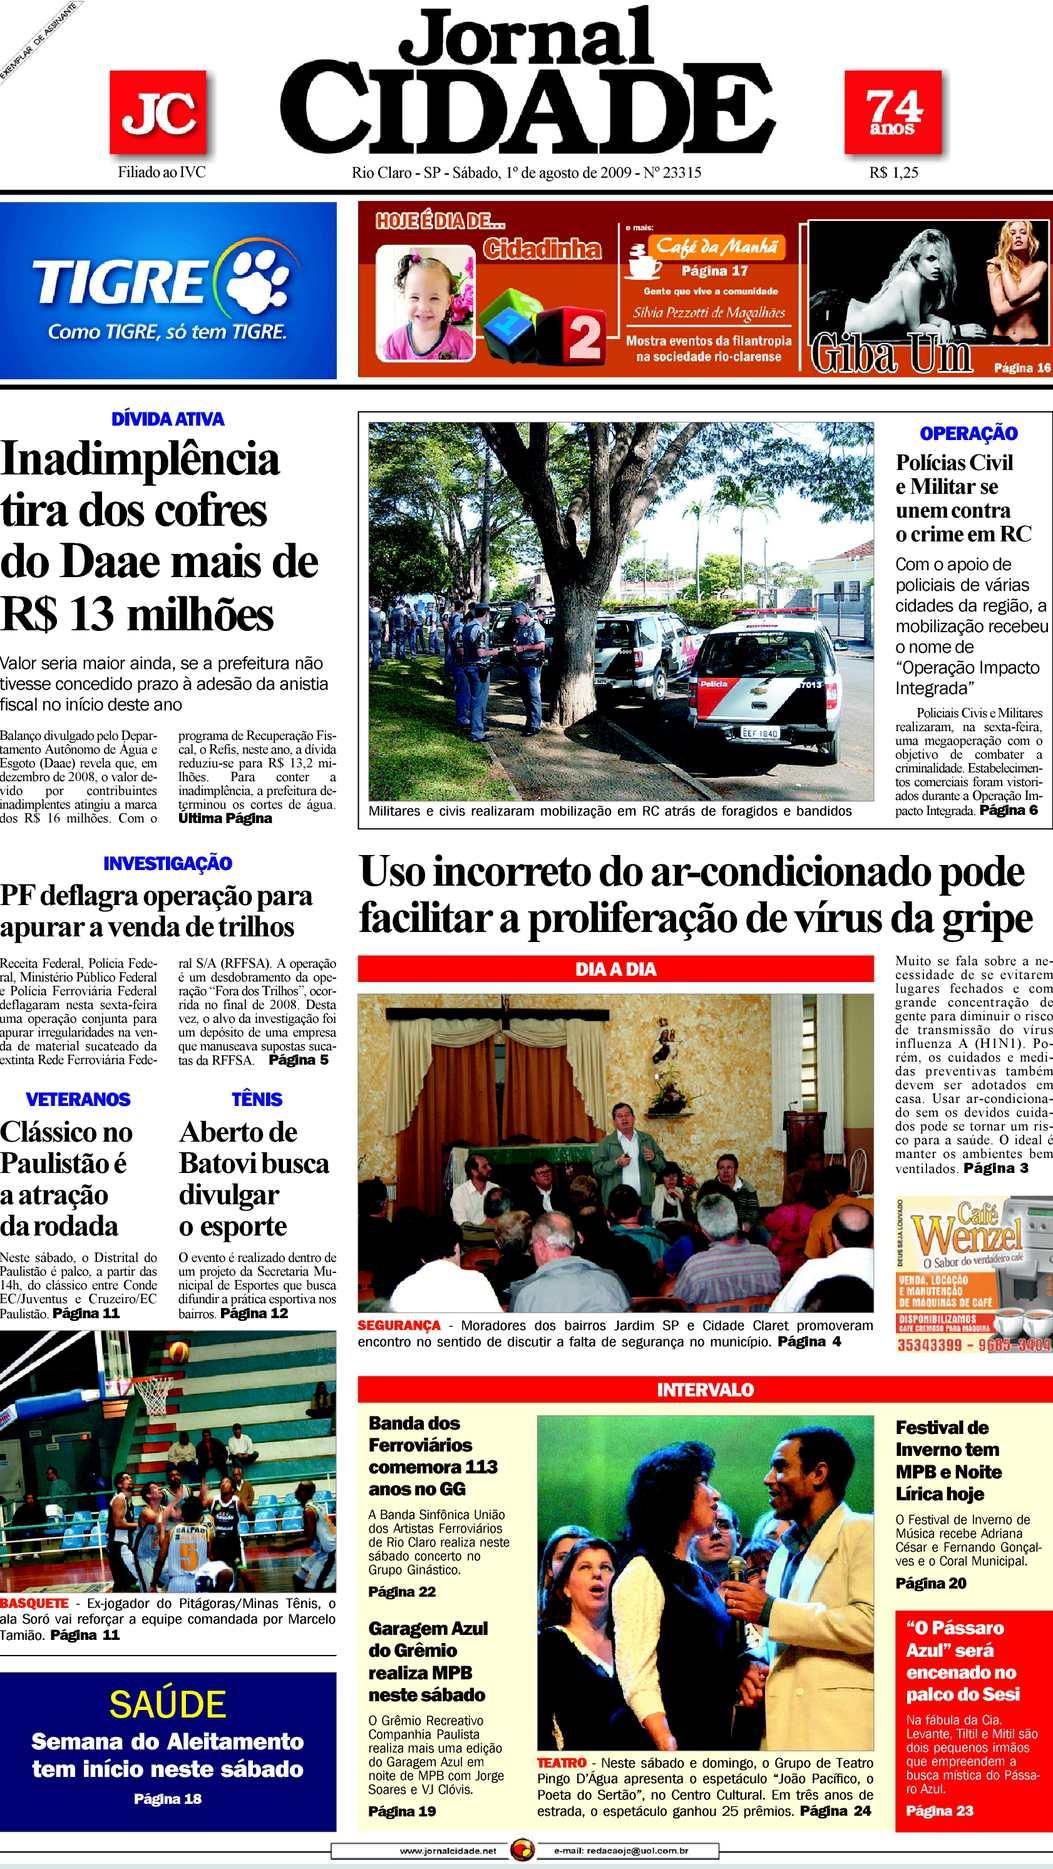 24b940c32f Calaméo - Jornal Cidade de Rio Claro - 01 08 2009